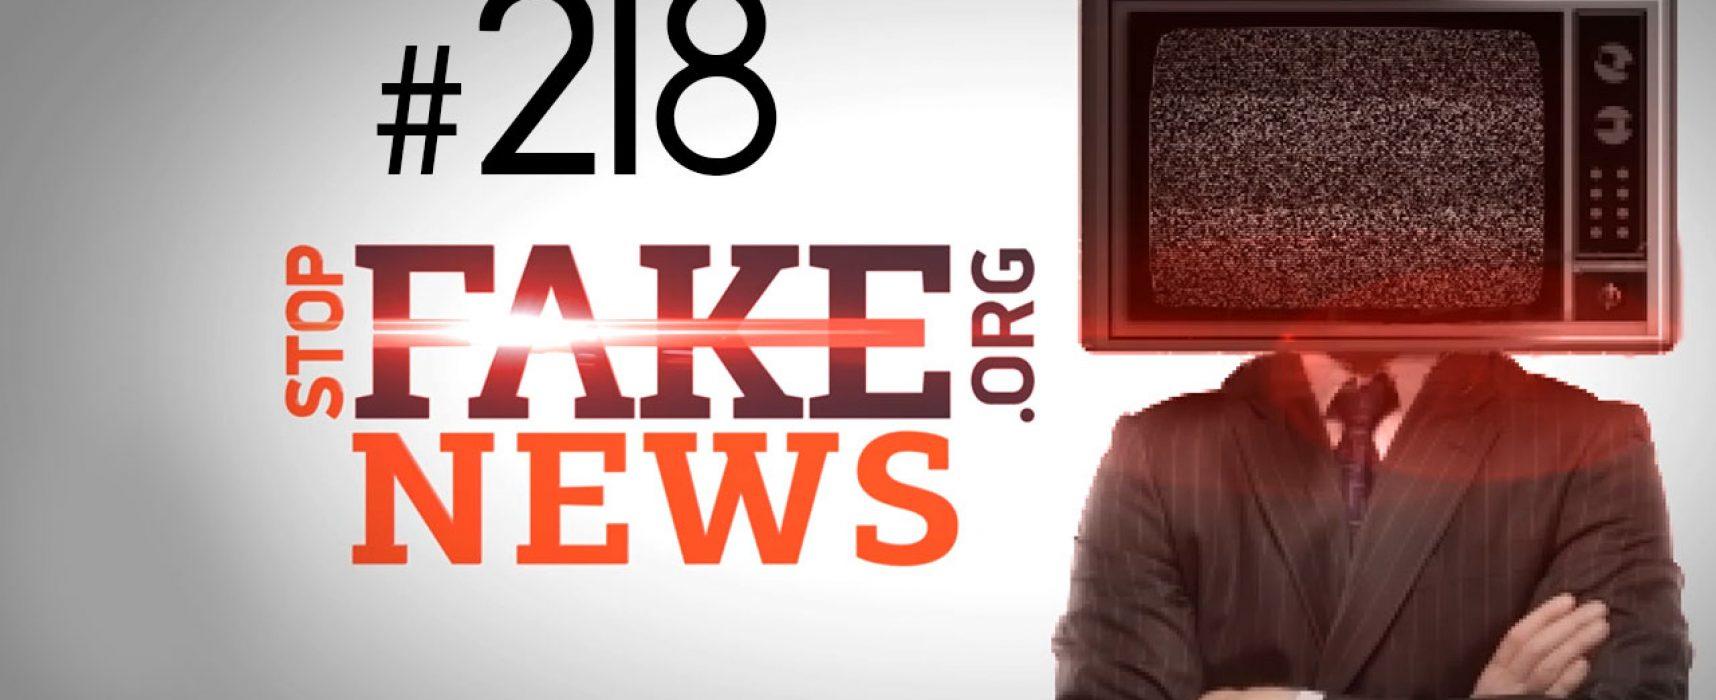 Ukraina nie przygotowuje zamachów na Krymie – SFN #218